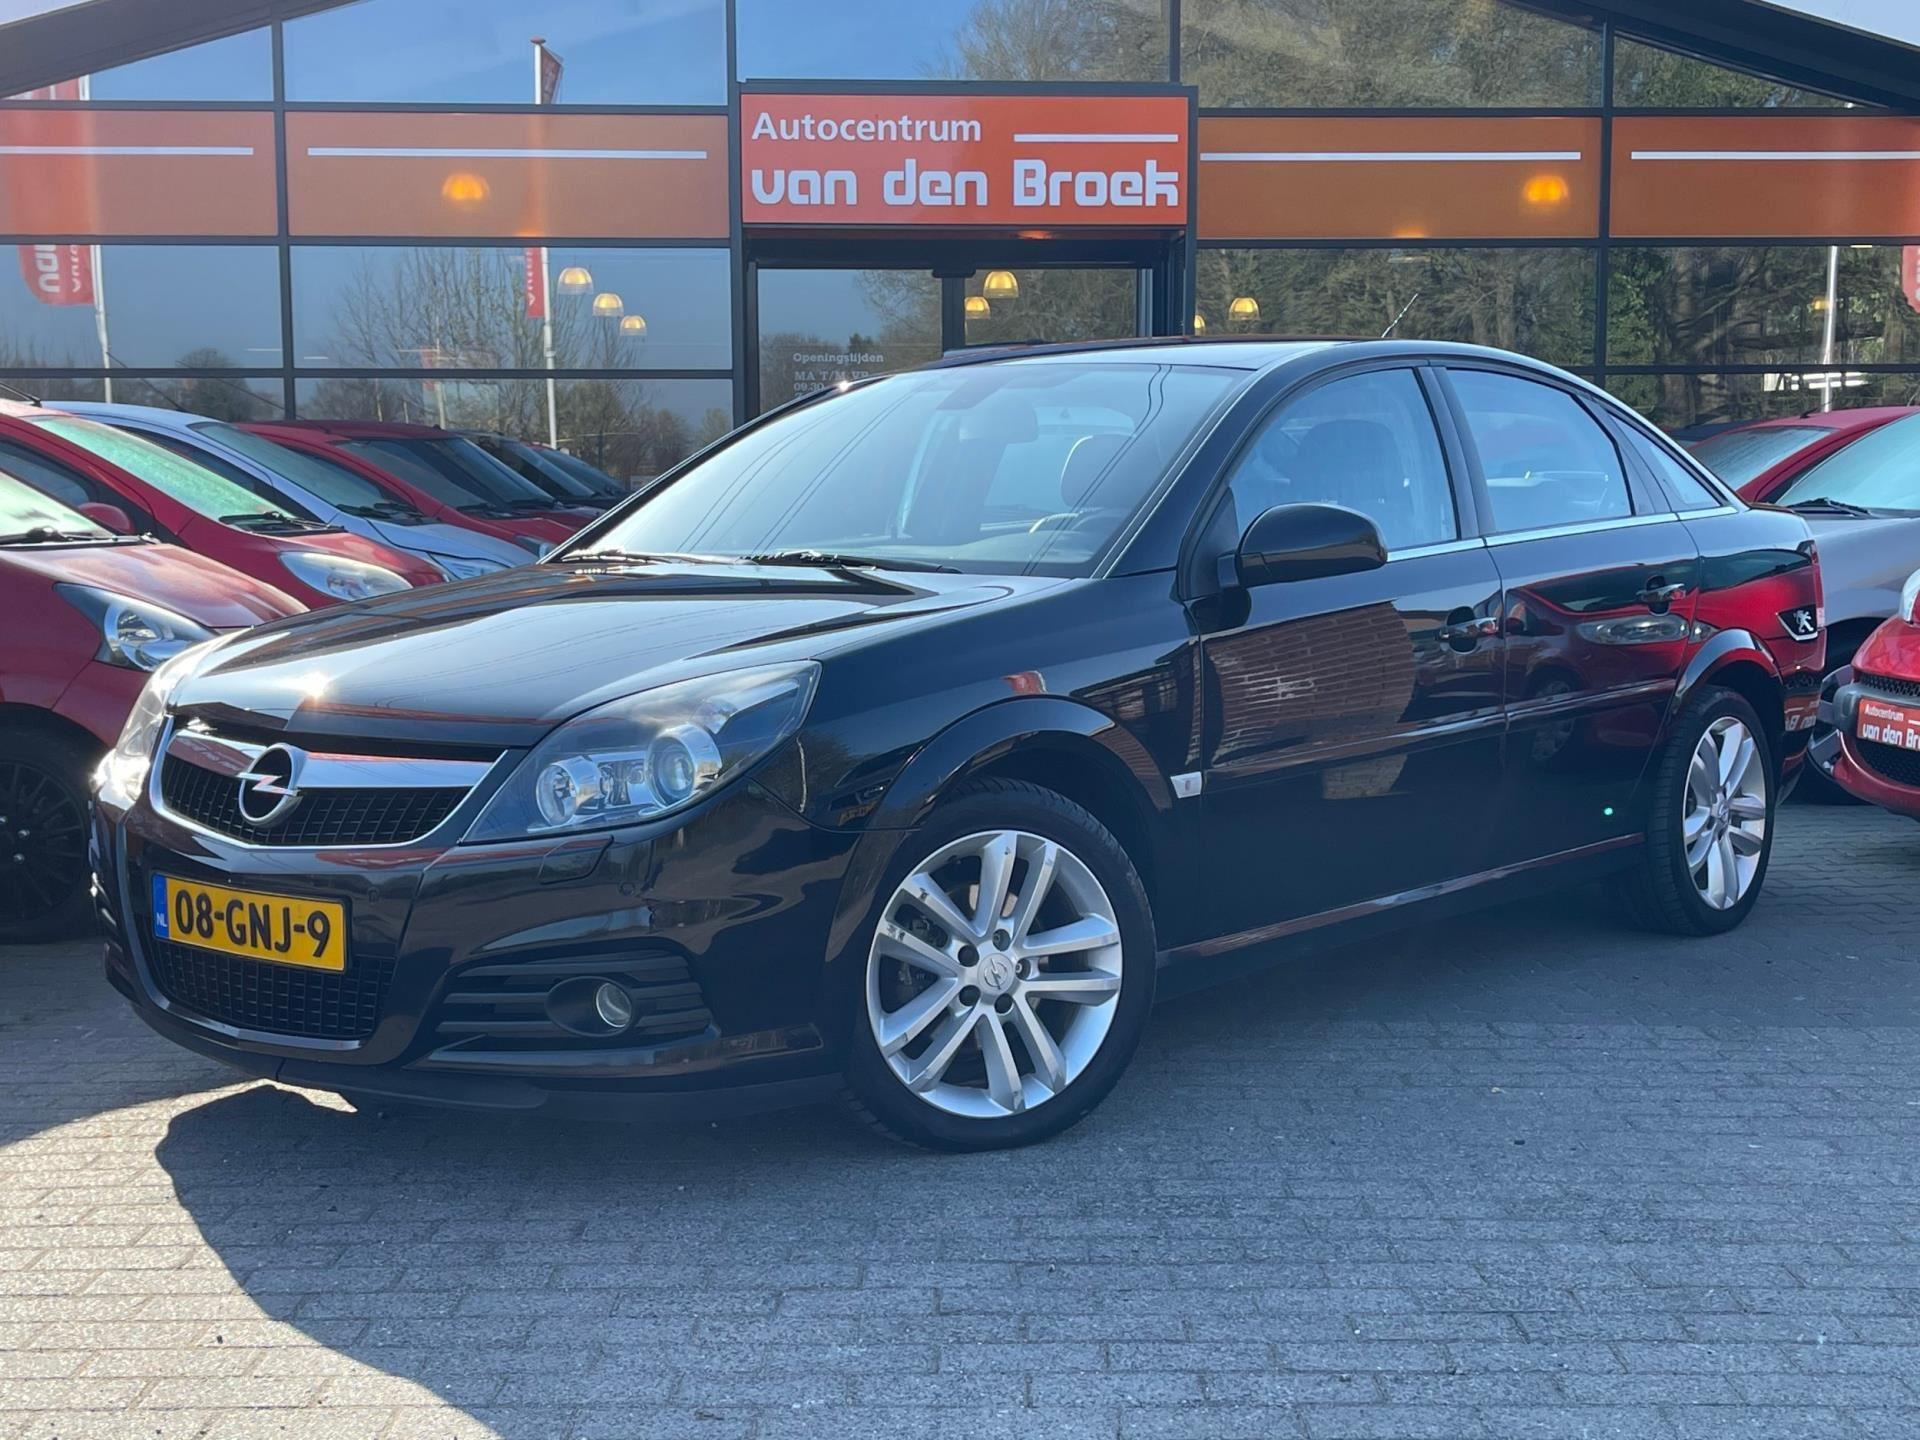 Opel Vectra GTS occasion - AutoCentrum A. van Den Broek